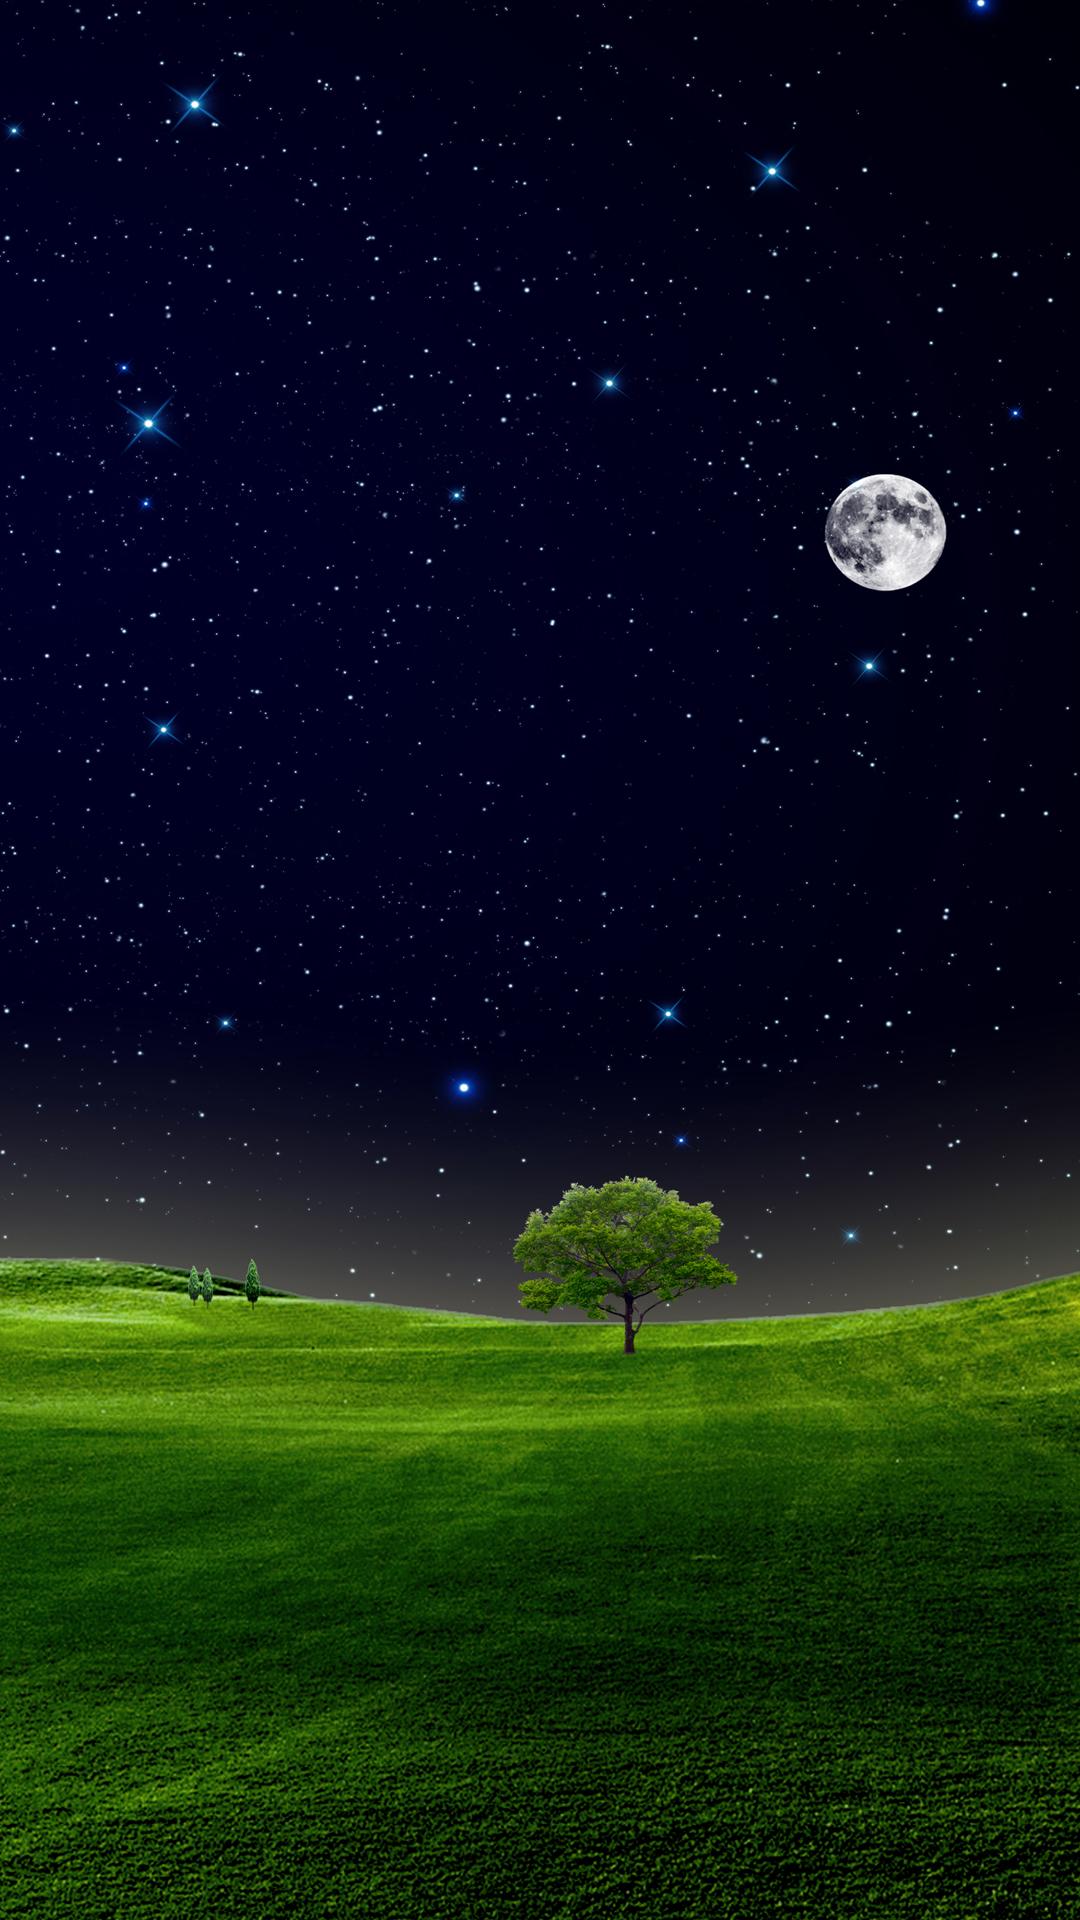 Sky full of stars and moon mobile wallpaper